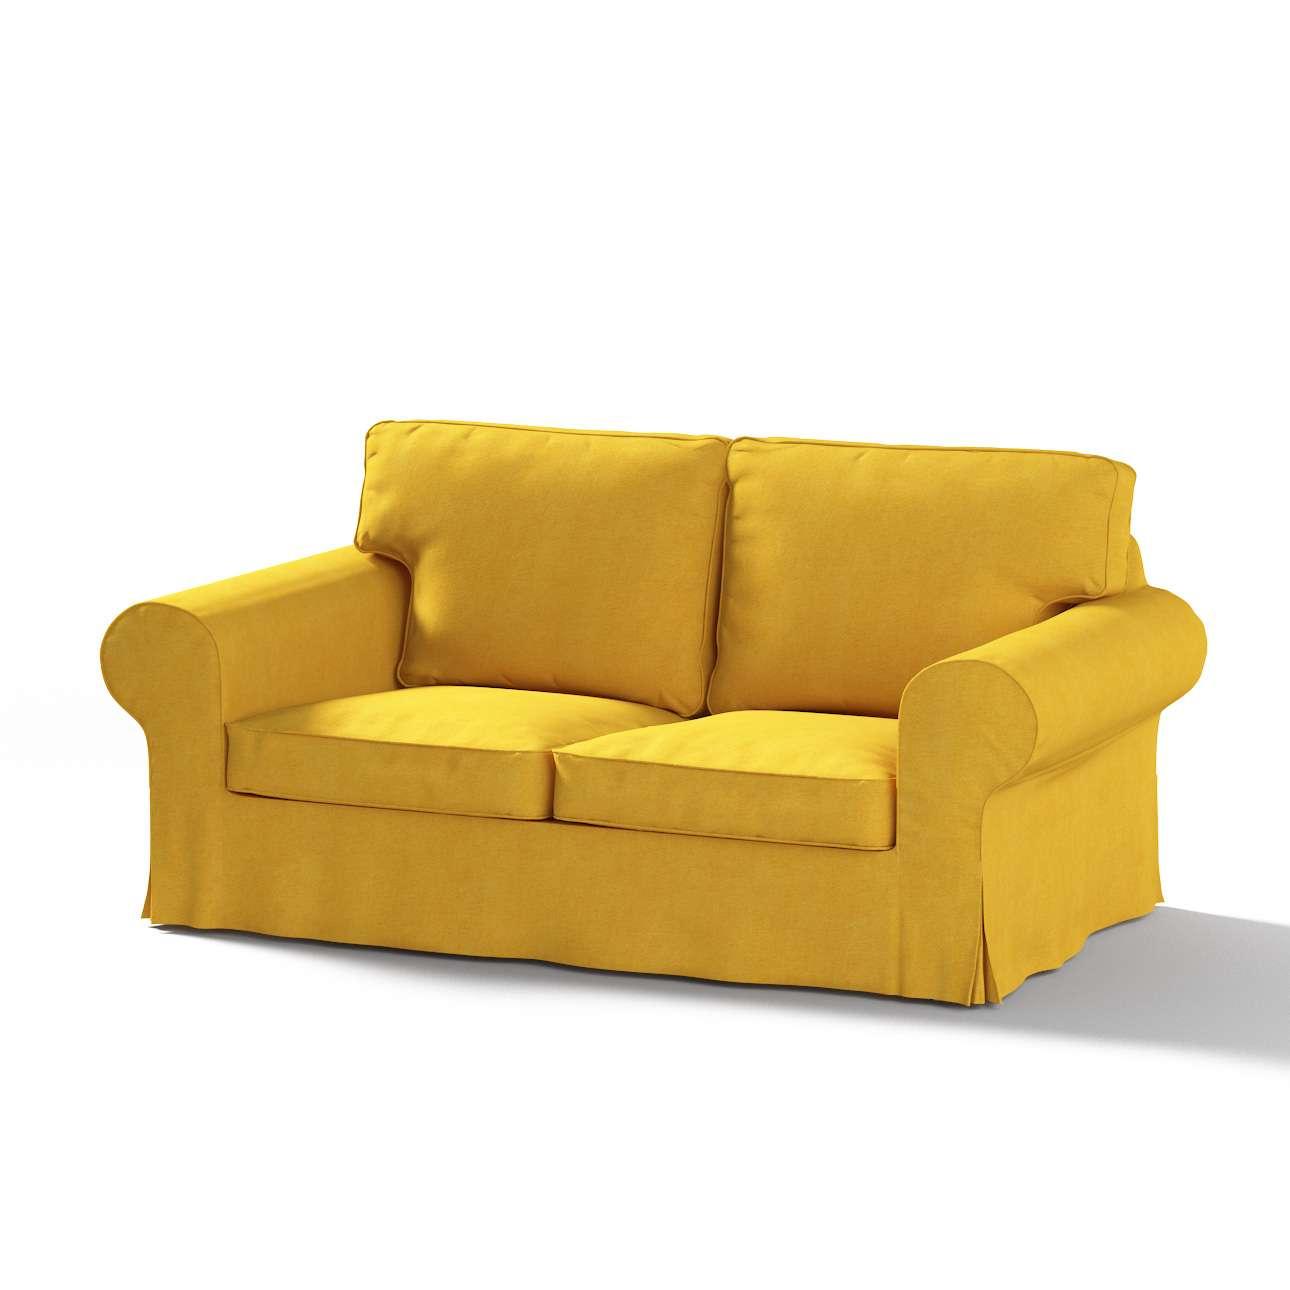 Ektorp dvivietės sofos užvalkalas Ektorp dvivietės sofos užvalkalas kolekcijoje Etna , audinys: 705-04